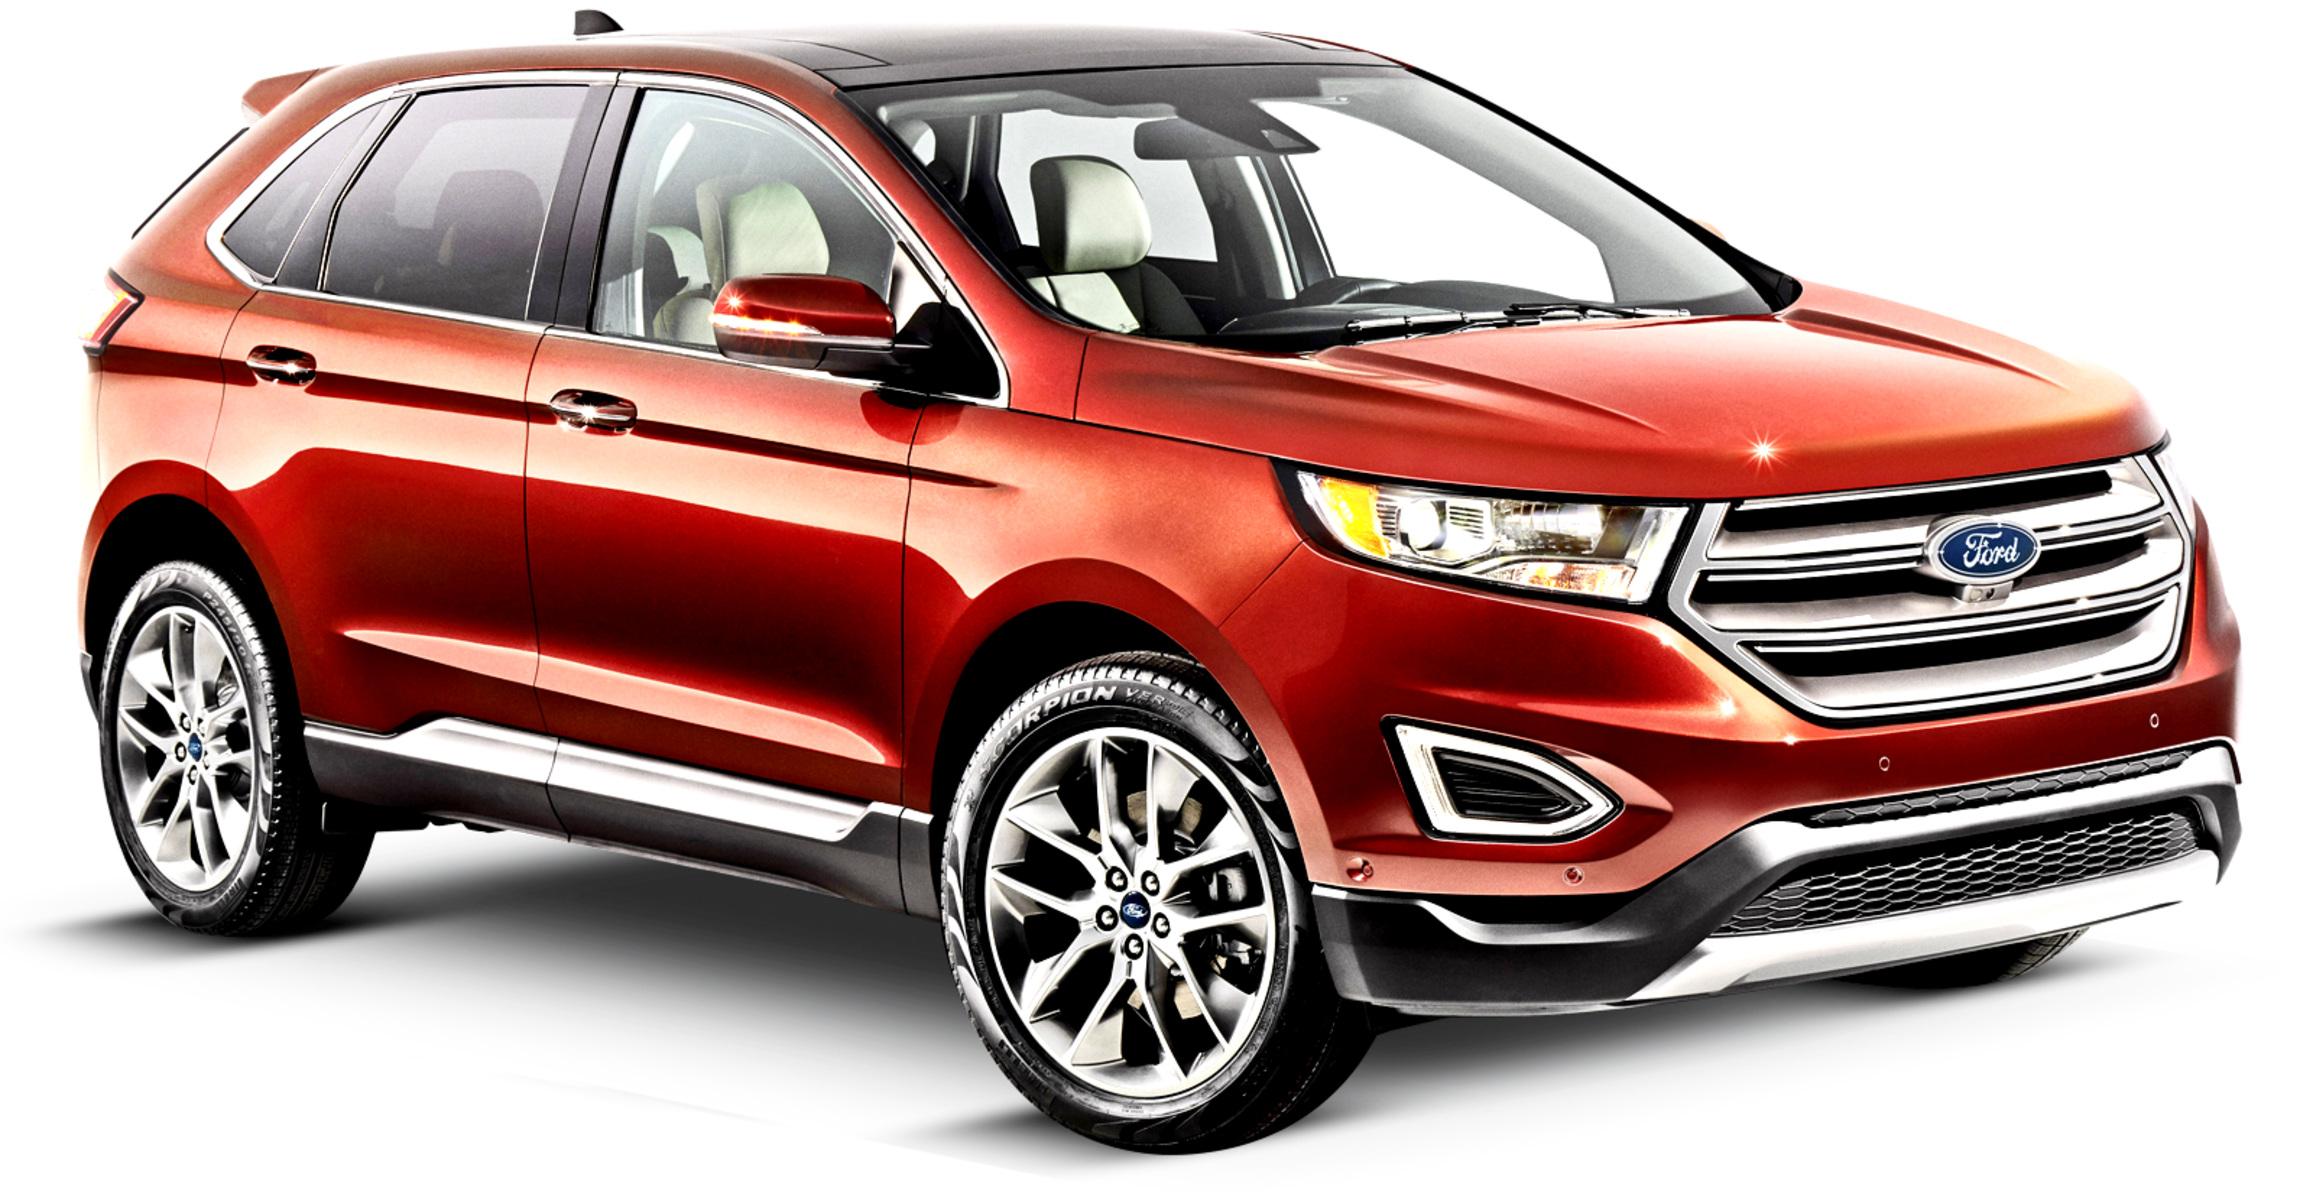 Listino Ford Edge Prezzo Scheda Tecnica Consumi Foto